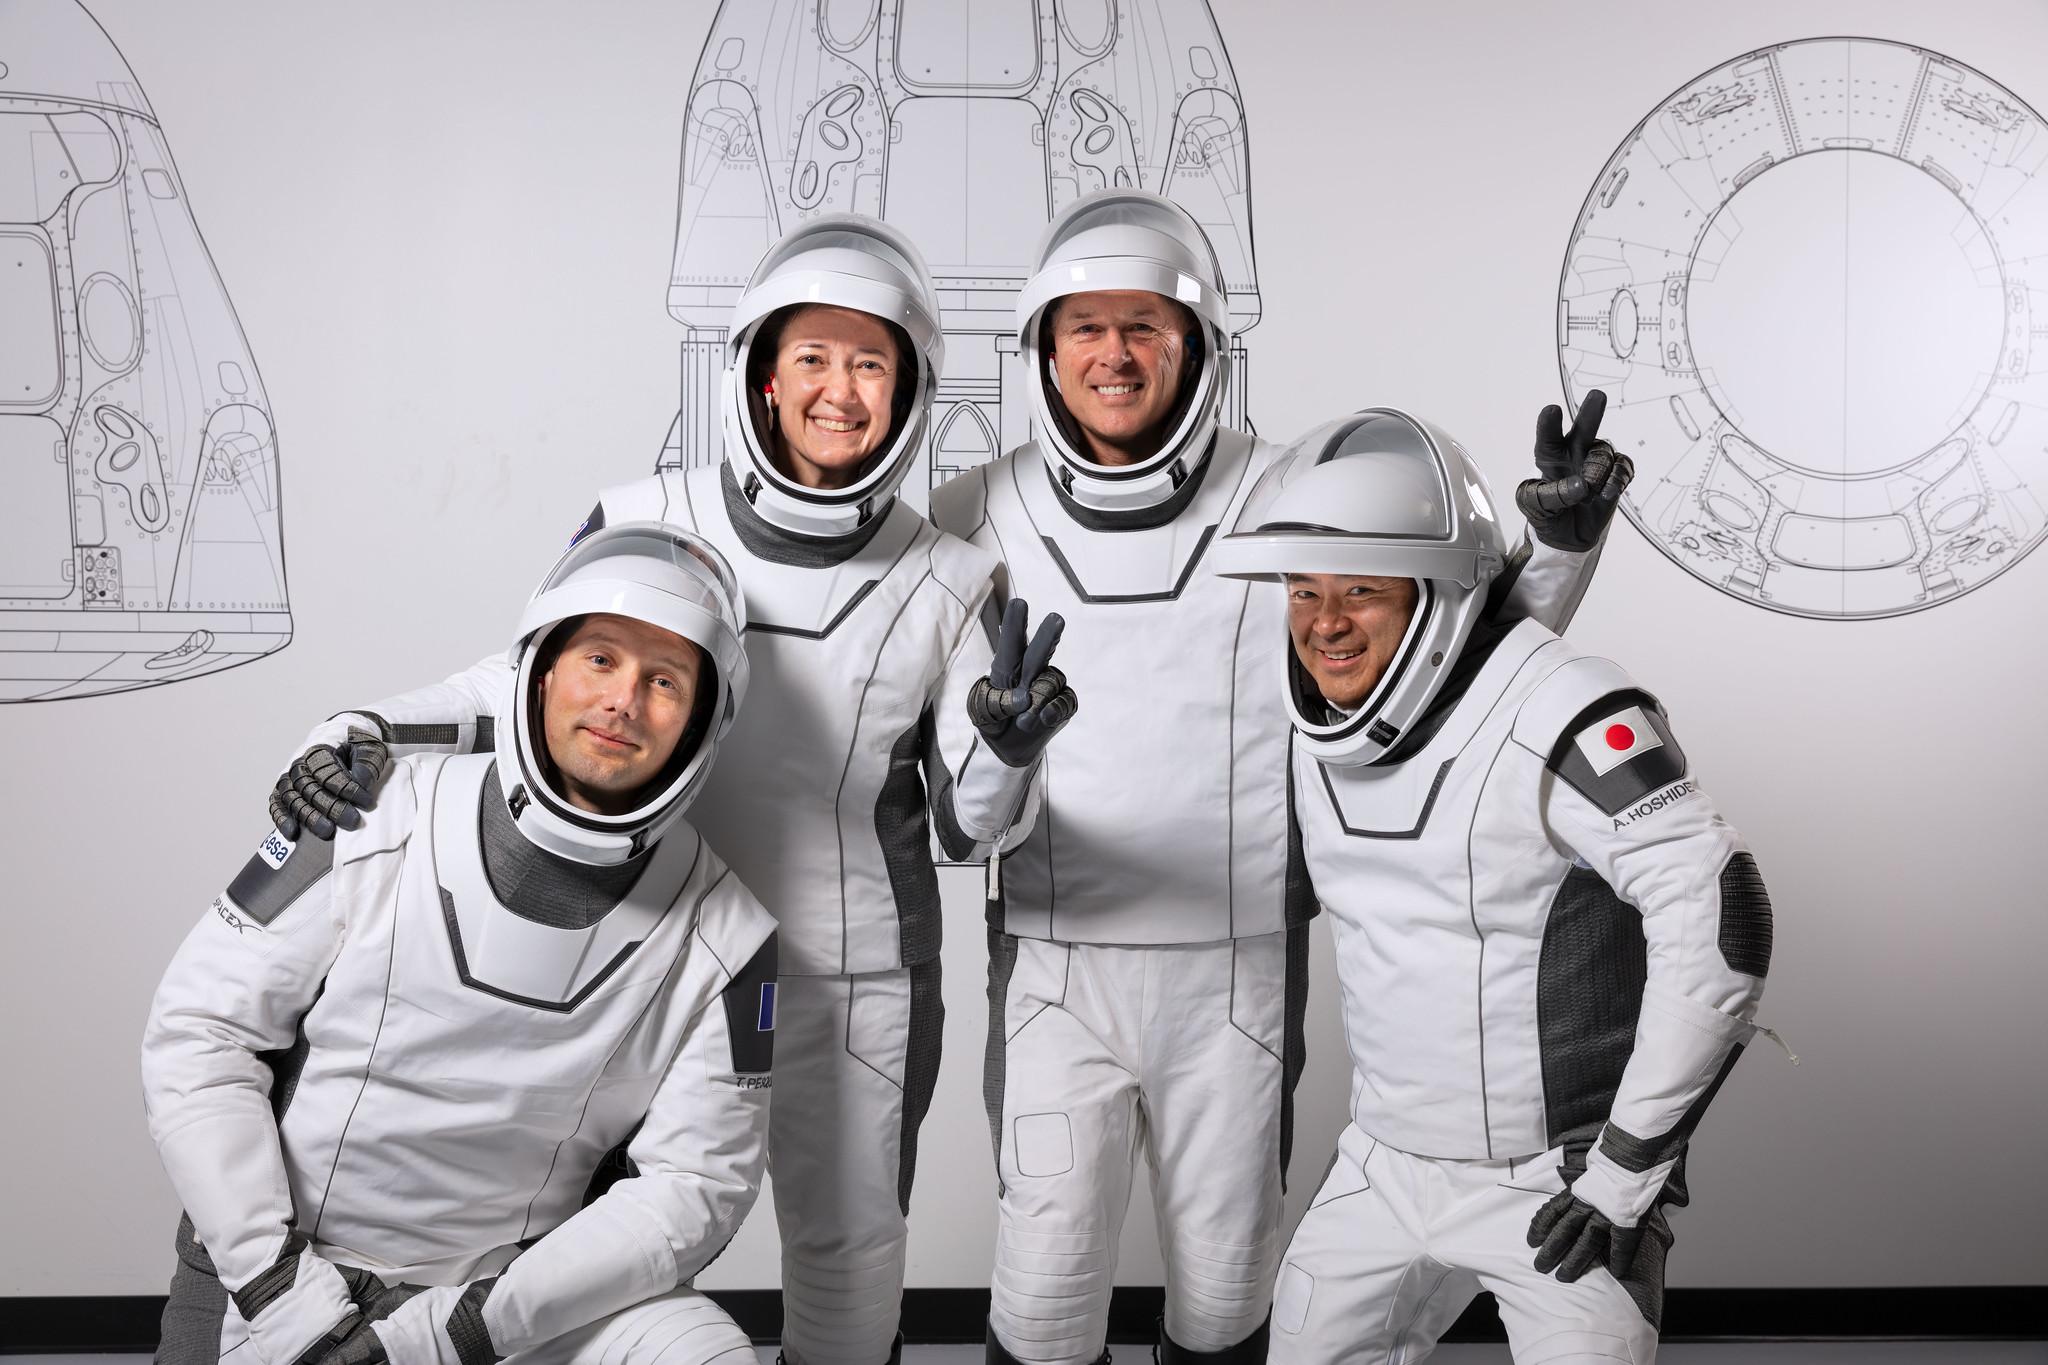 L'équipage de la prochaine mission Crew-2 de SpaceX est tout sourire alors que nous nous rapprochons du lancement.  Les quatre astronautes doivent se lancer dans la Station spatiale internationale le 22 avril et y rencontreront les astronautes Crew-1 qui vivaient sur le laboratoire en orbite.  À partir de la gauche, l'astronaute de l'Agence spatiale européenne Thomas Pesquet, les astronautes de la NASA Megan McArthur et Shane Kimbrough et l'astronaute de la JAXA Akihiko Hoshide.